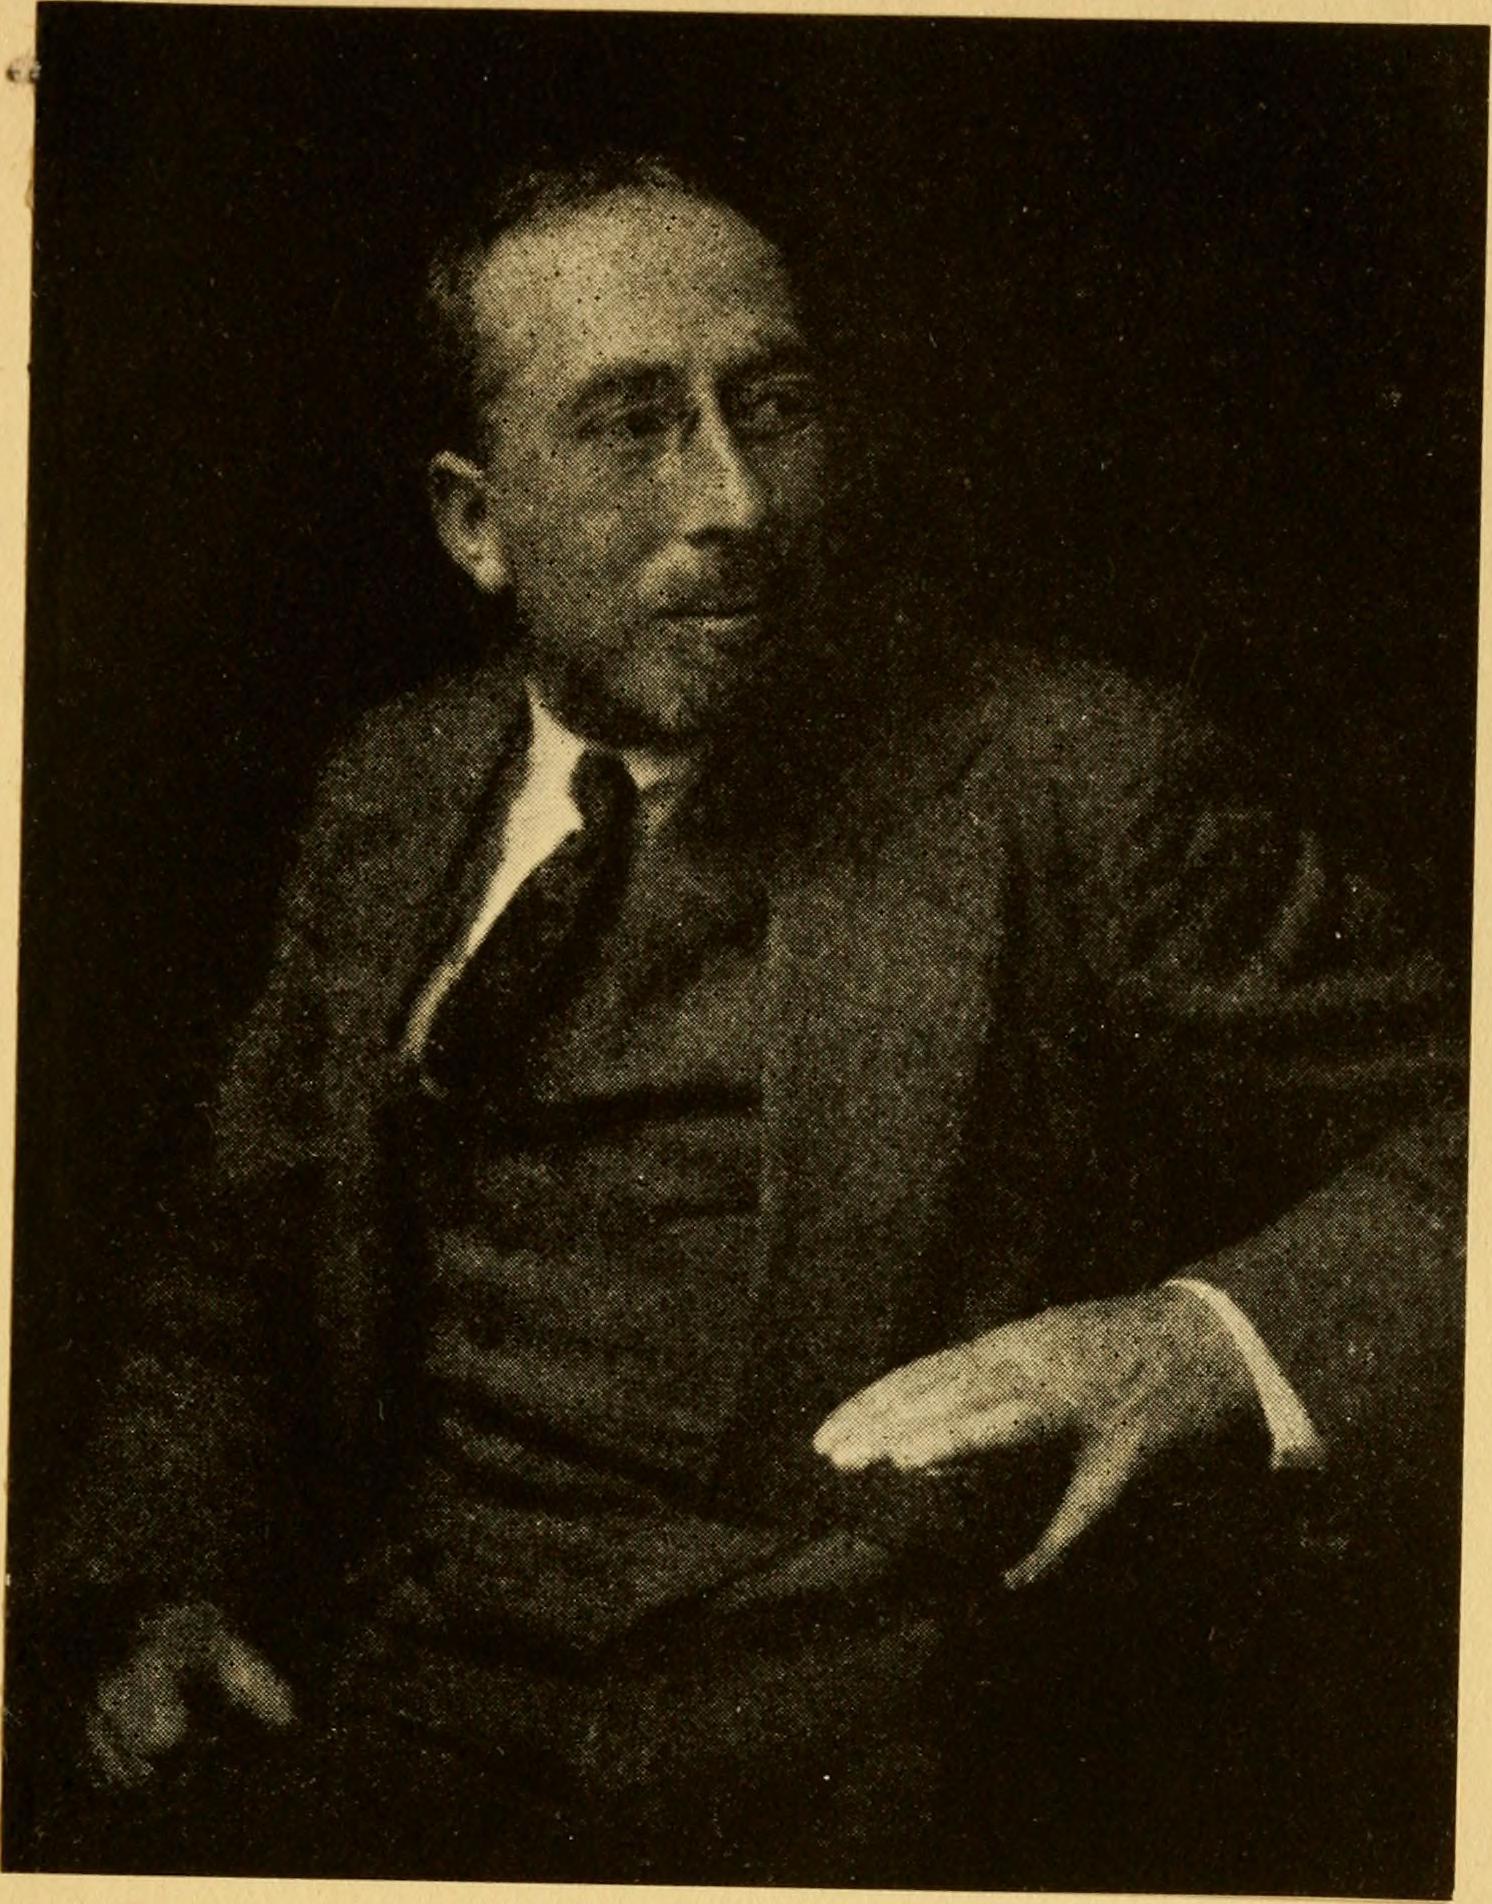 Frank Swinnerton